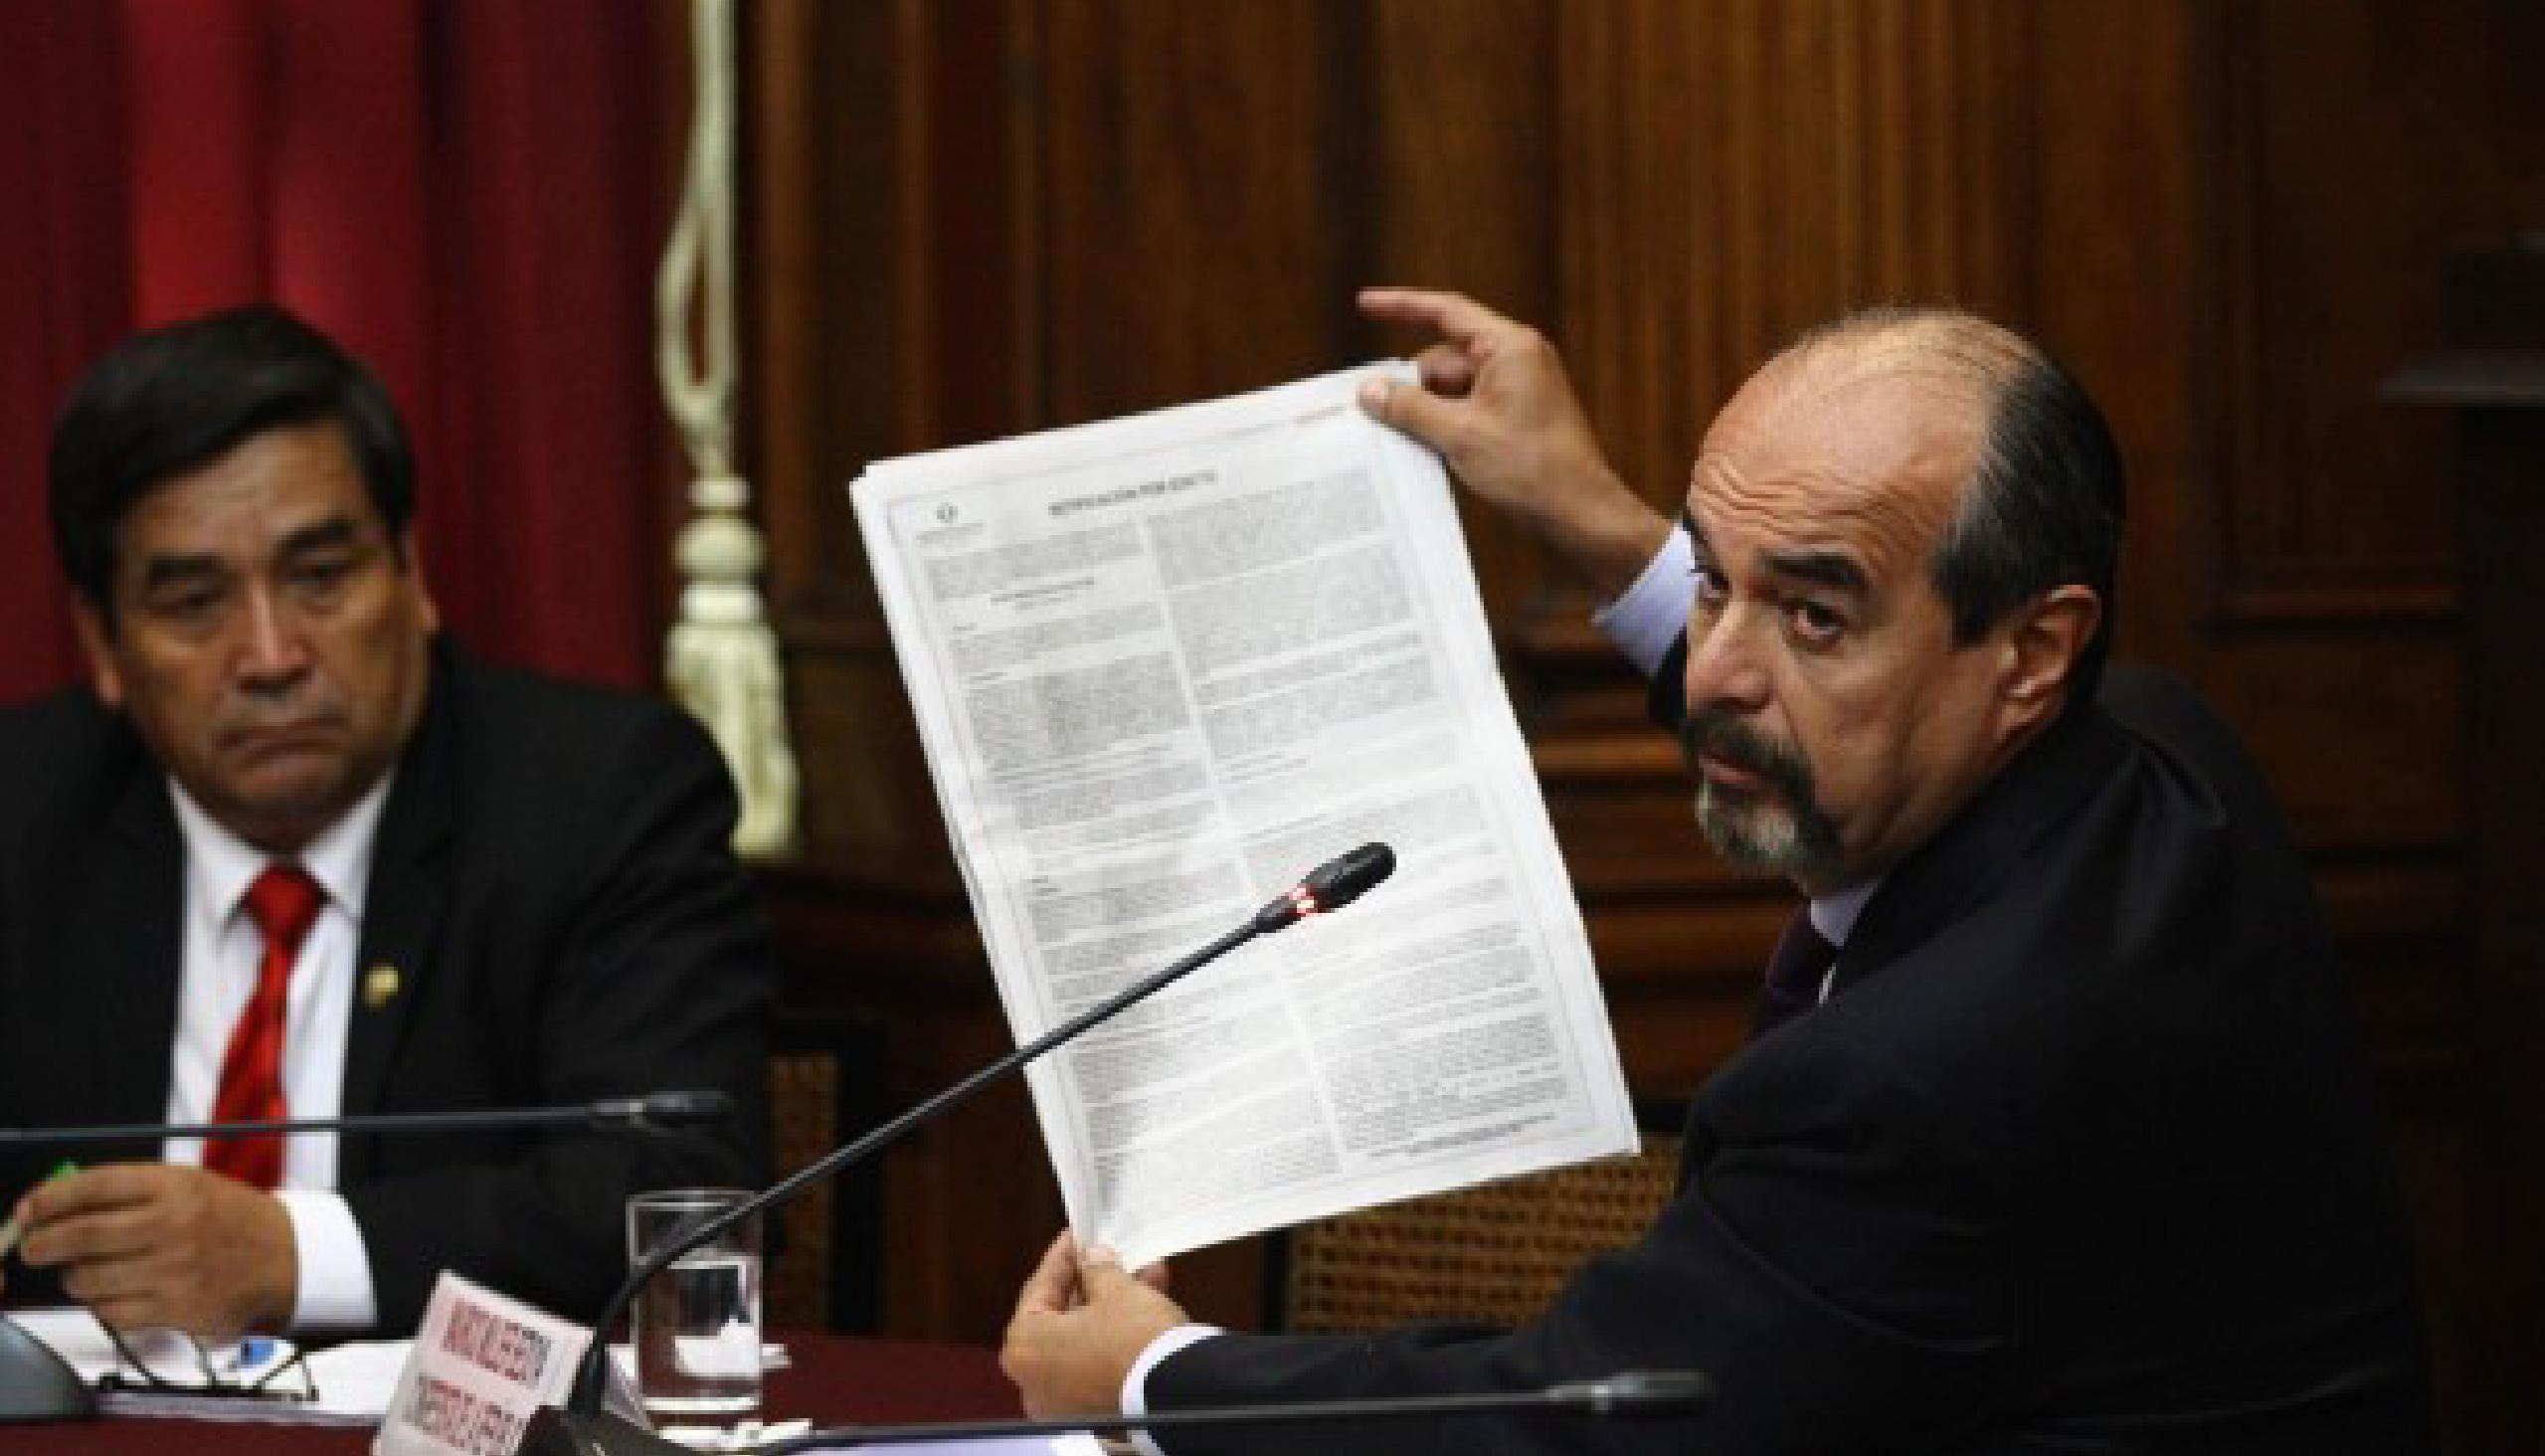 Pronunciamiento sobre la ley para regular el gasto de publicidad del Estado peruano